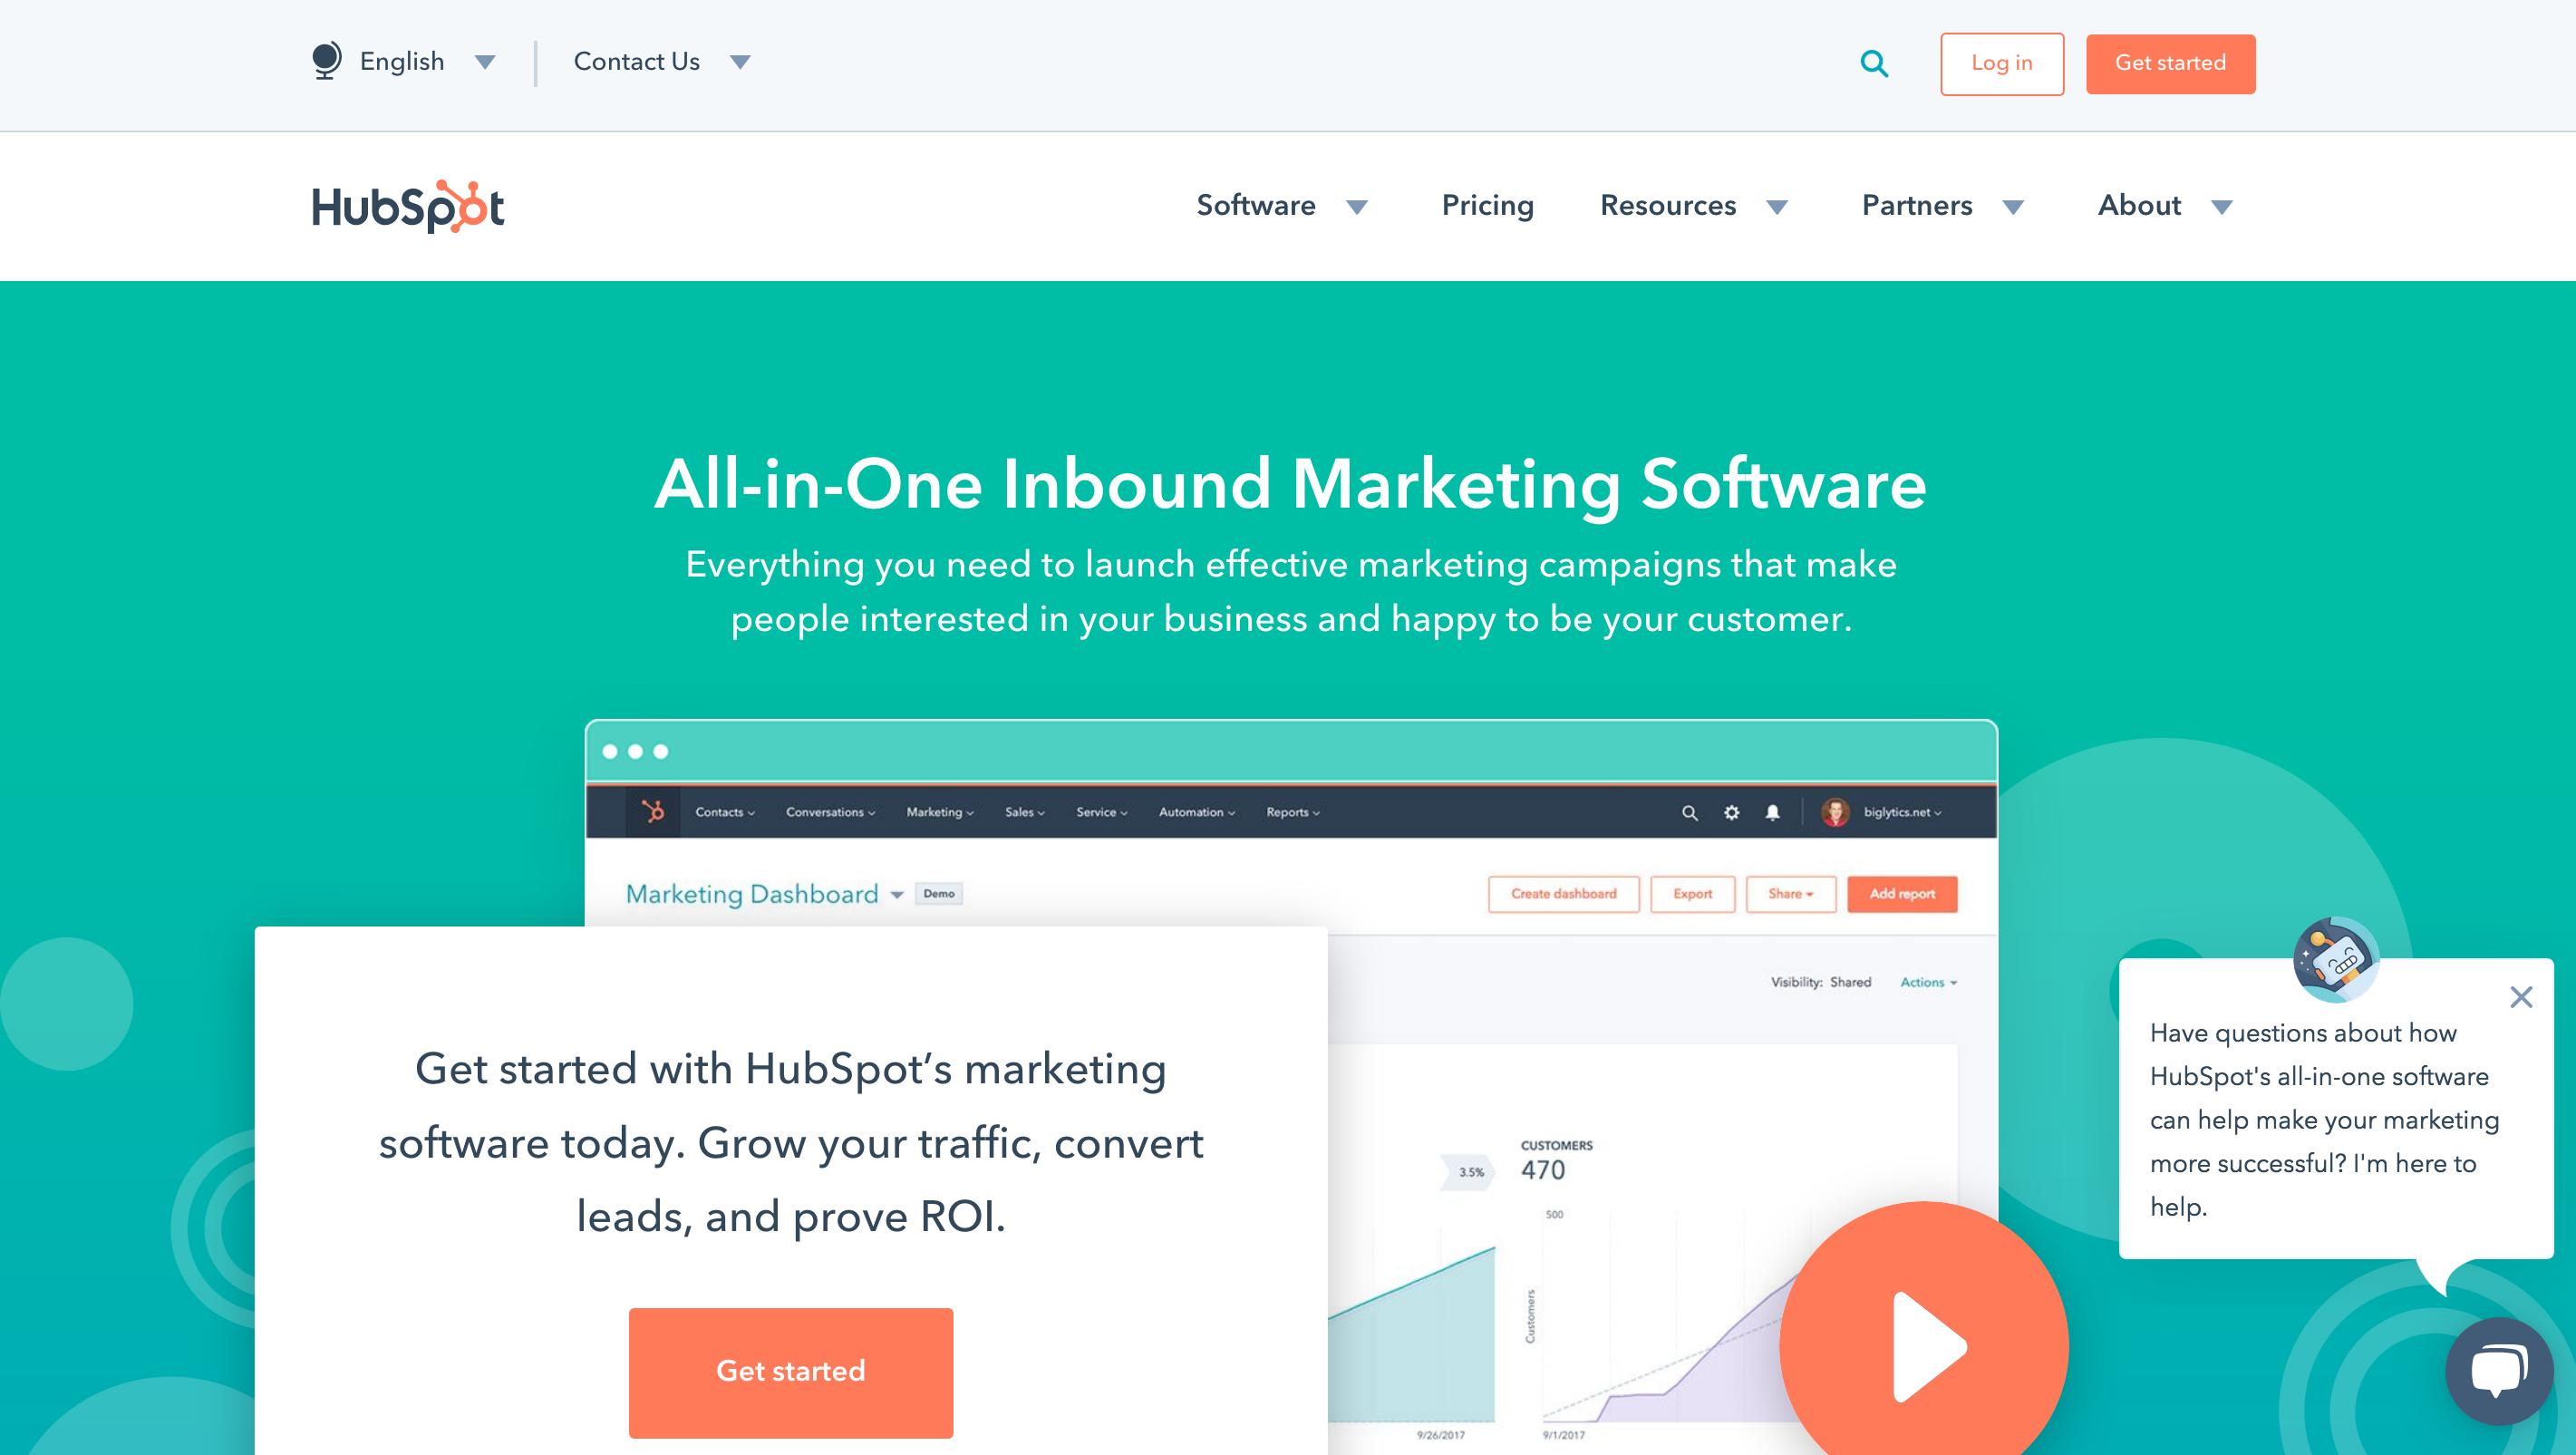 JONESBlog-valuable-content-hubspot2